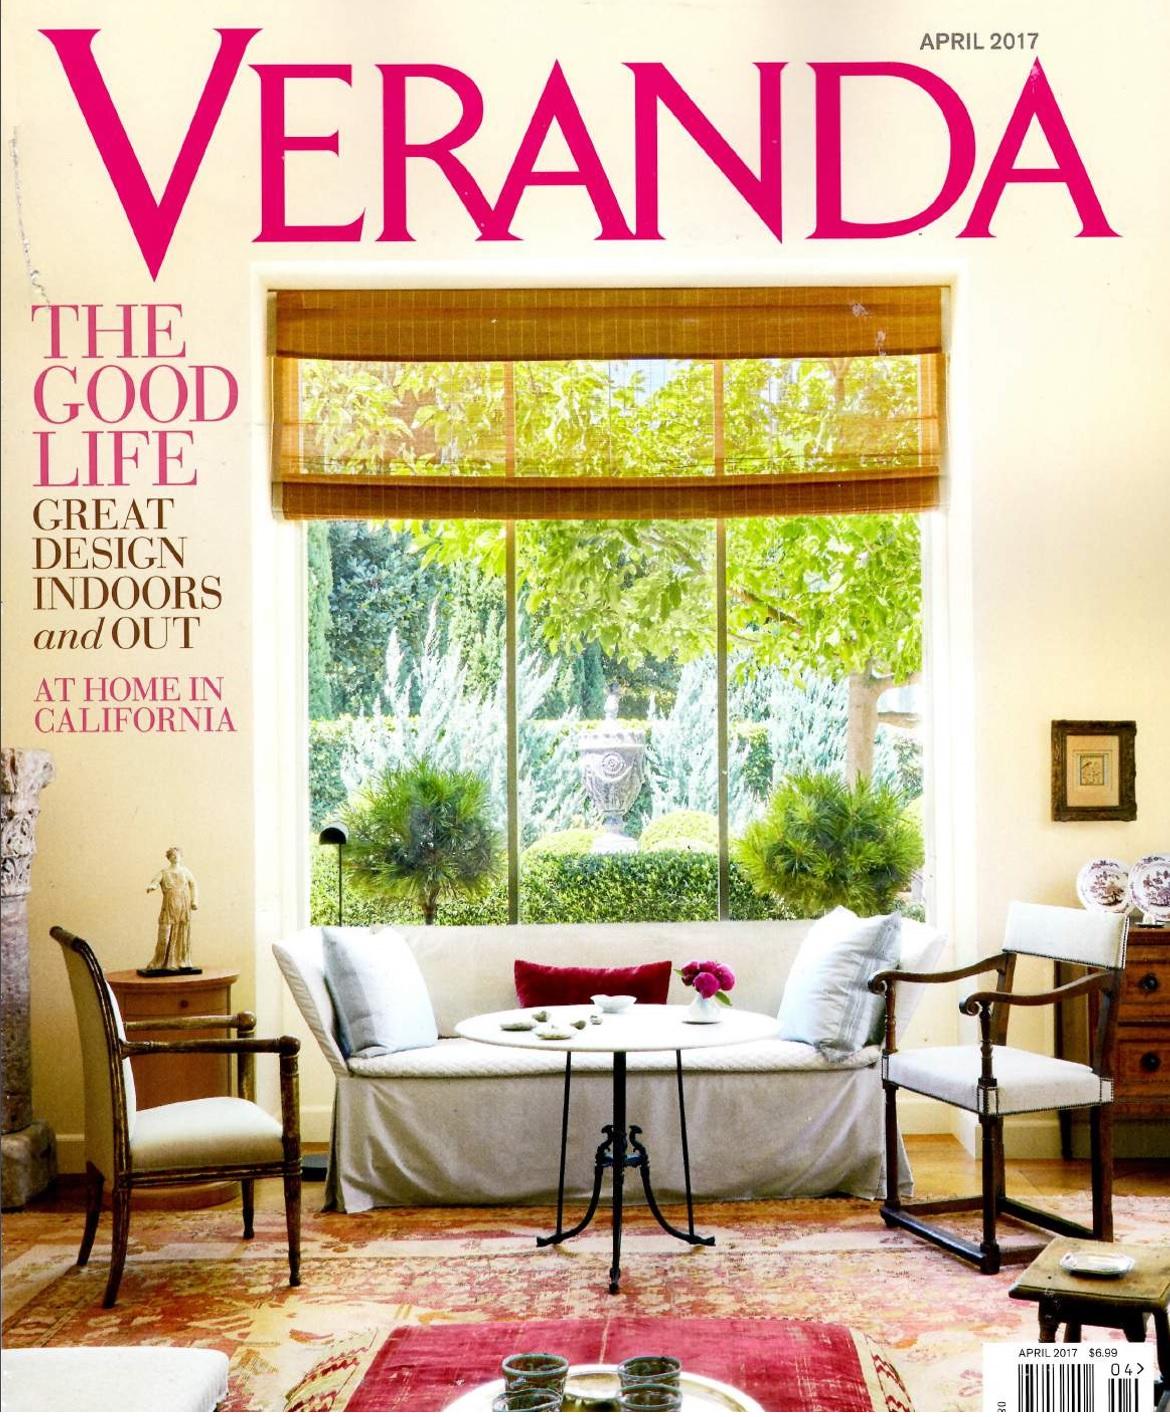 Veranda April 2017 Cover.jpg